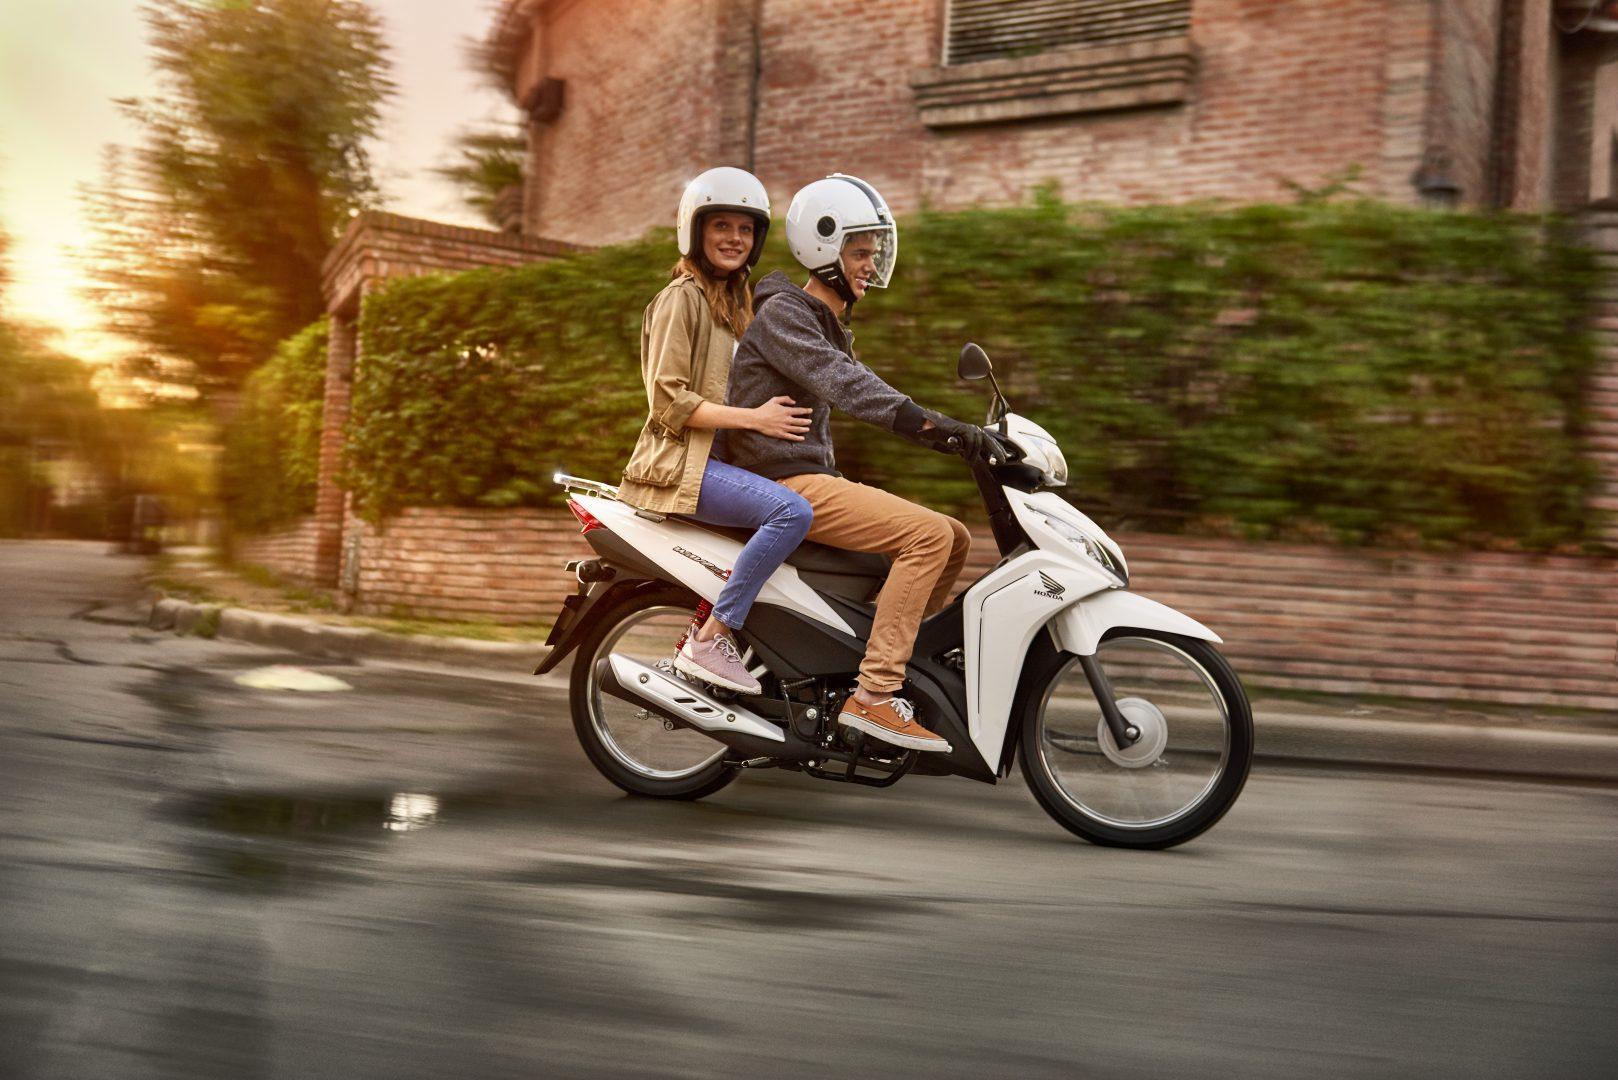 Ventajas de las Motos 110: movilidad y economía